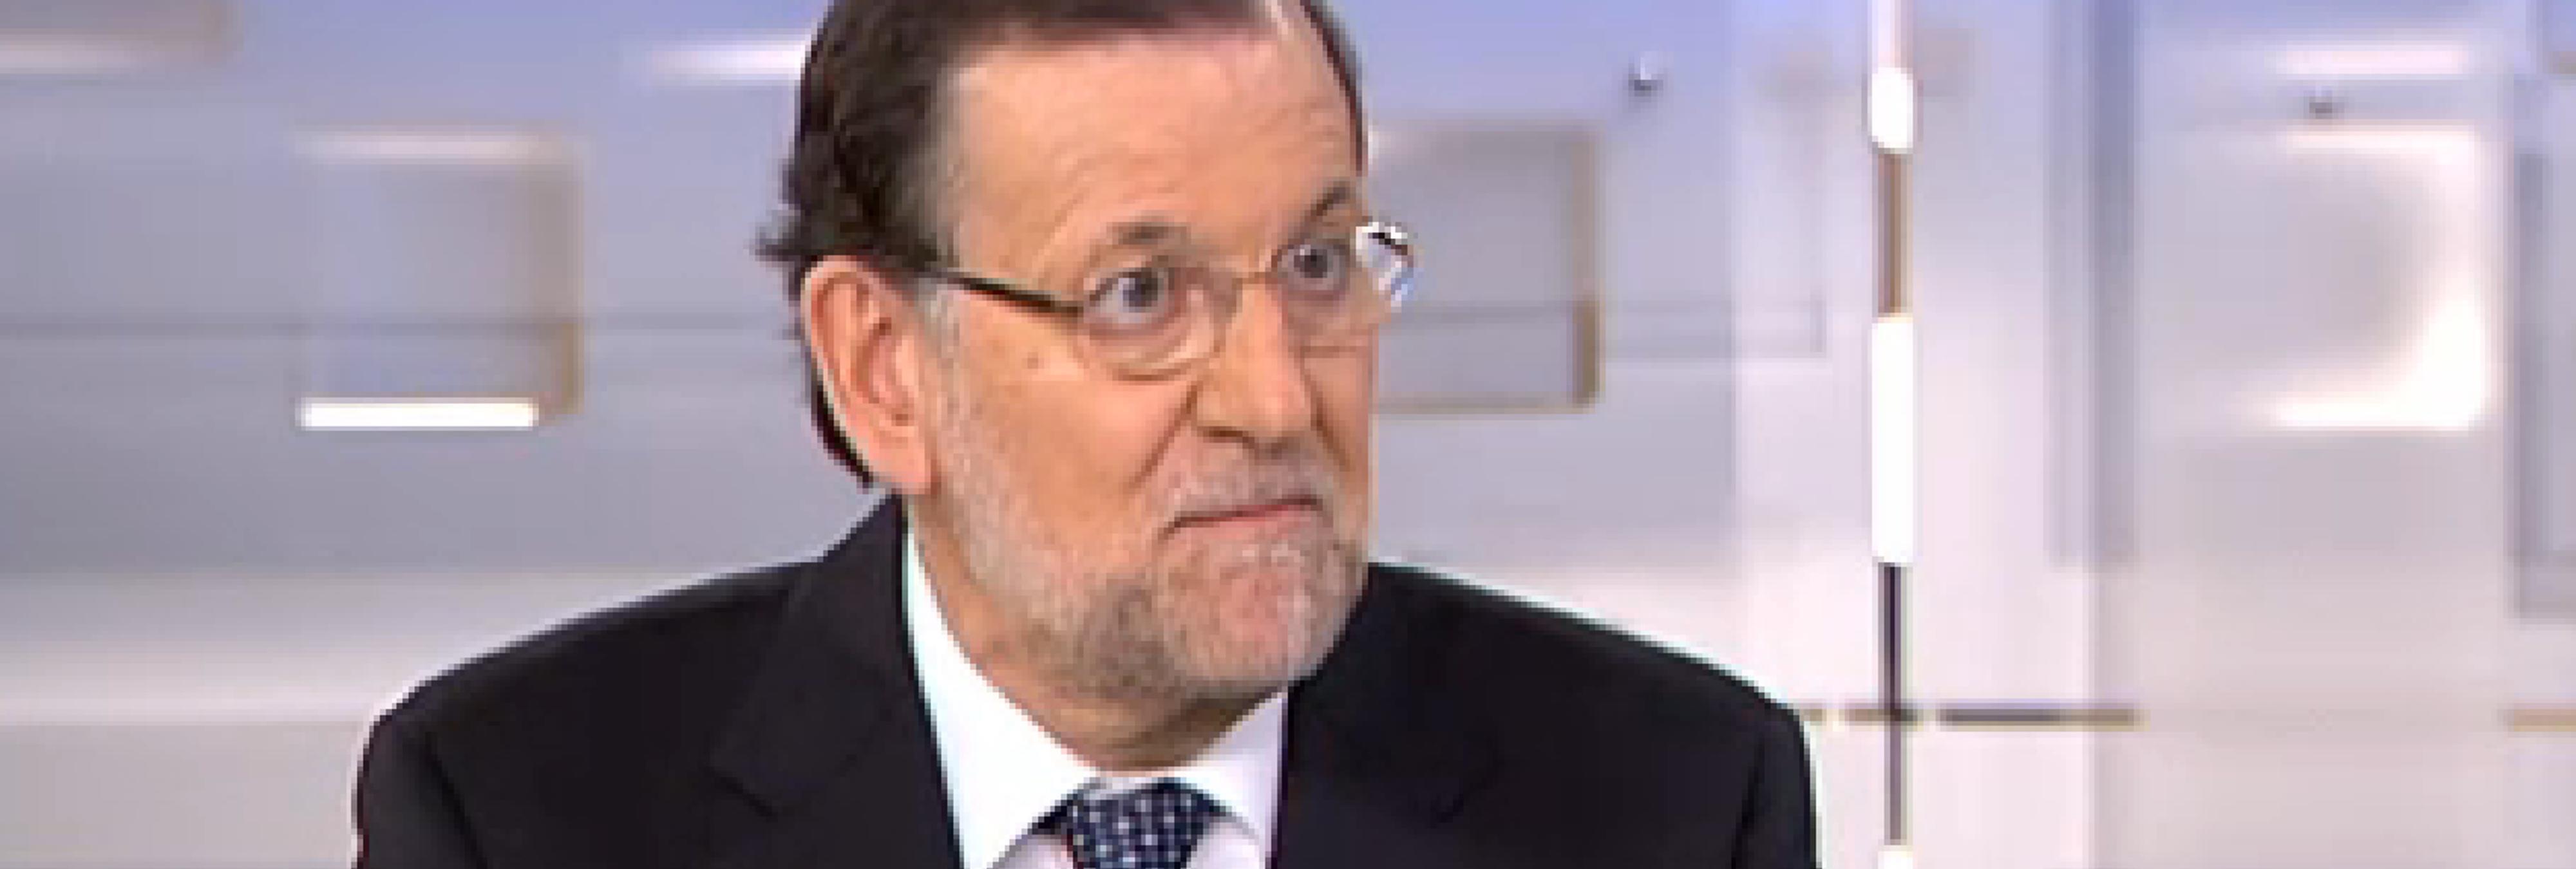 Rajoy dice que el 90% del PIB griego es una barbaridad. En España la deuda alcanzó el 98%